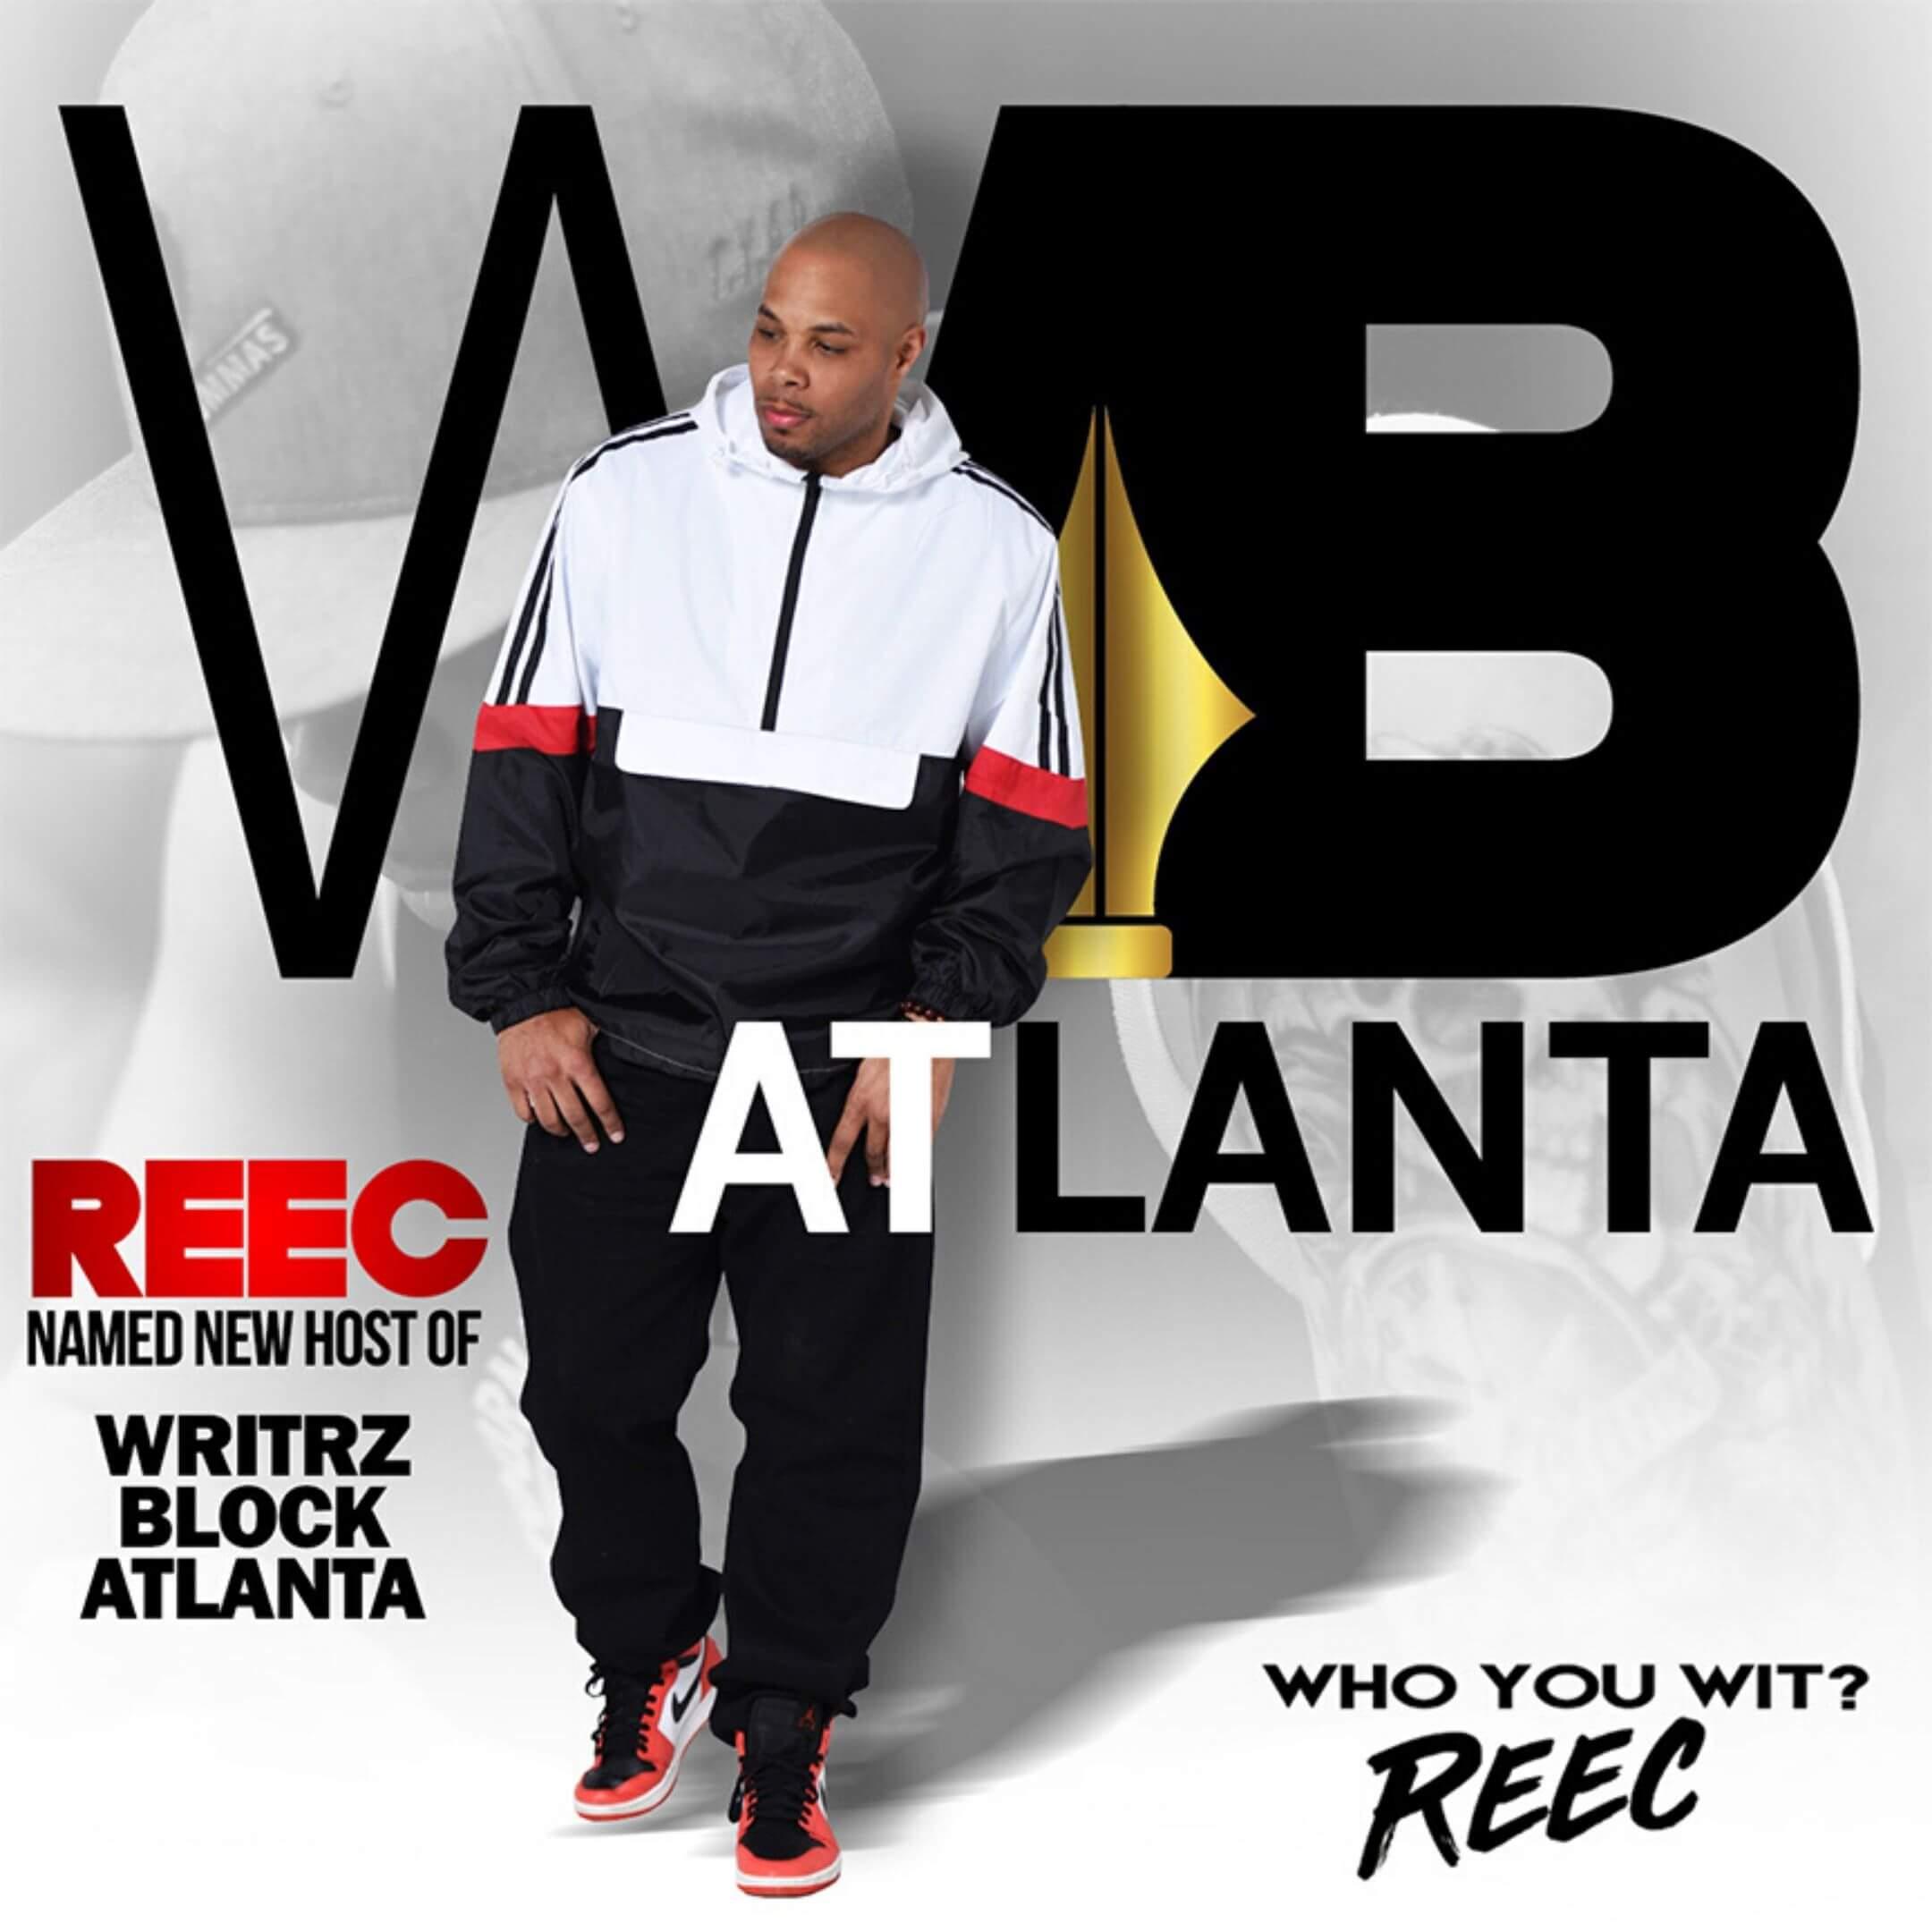 Reec Writrz Block web graphic